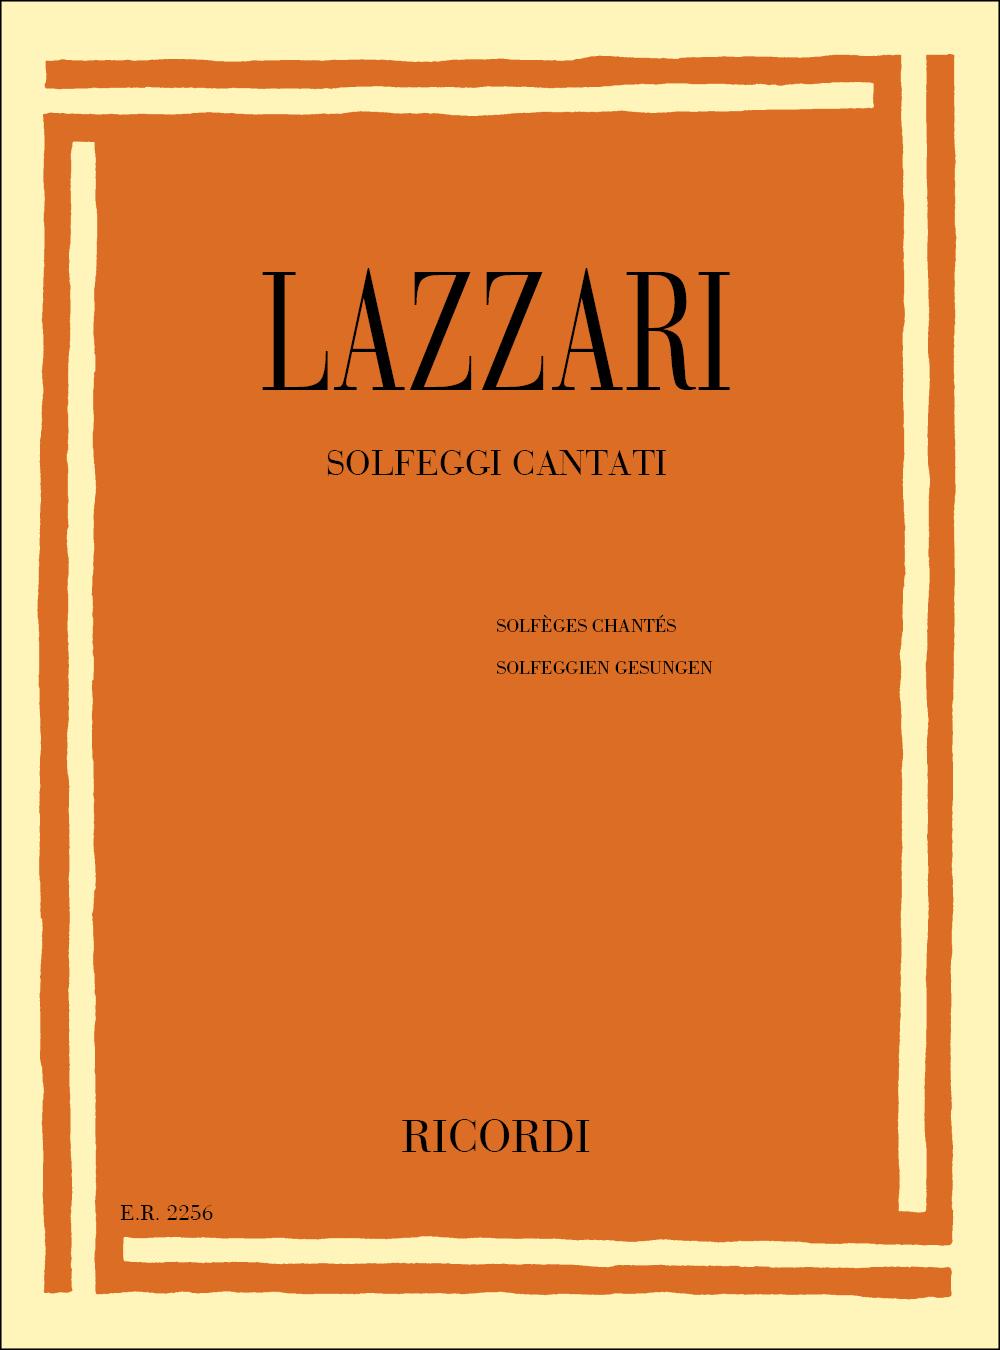 A. Lazzari: Solfeggi Cantati: Solfege